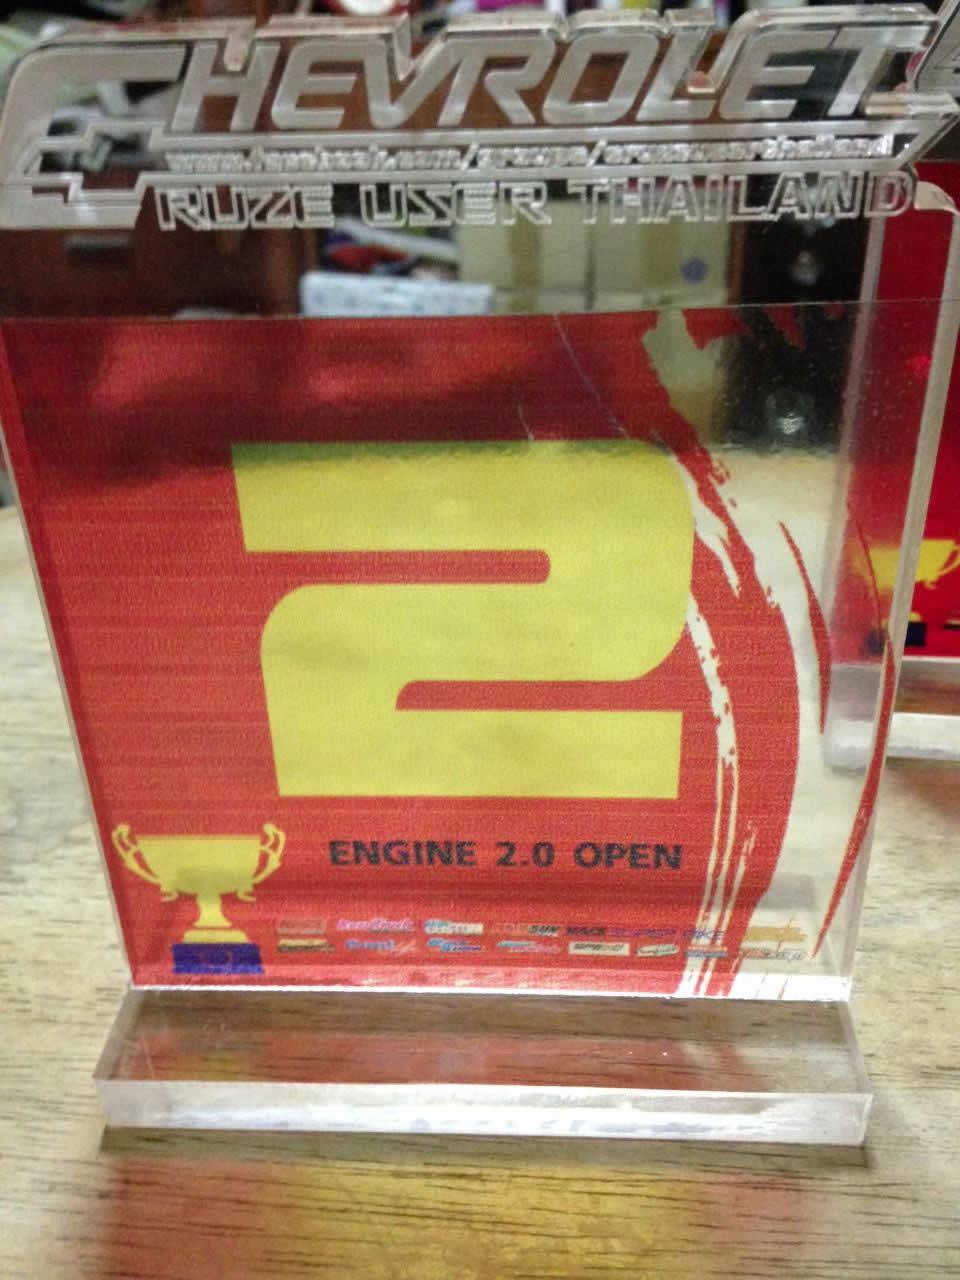 Winning a wards RPT's Chevrolet 2 award